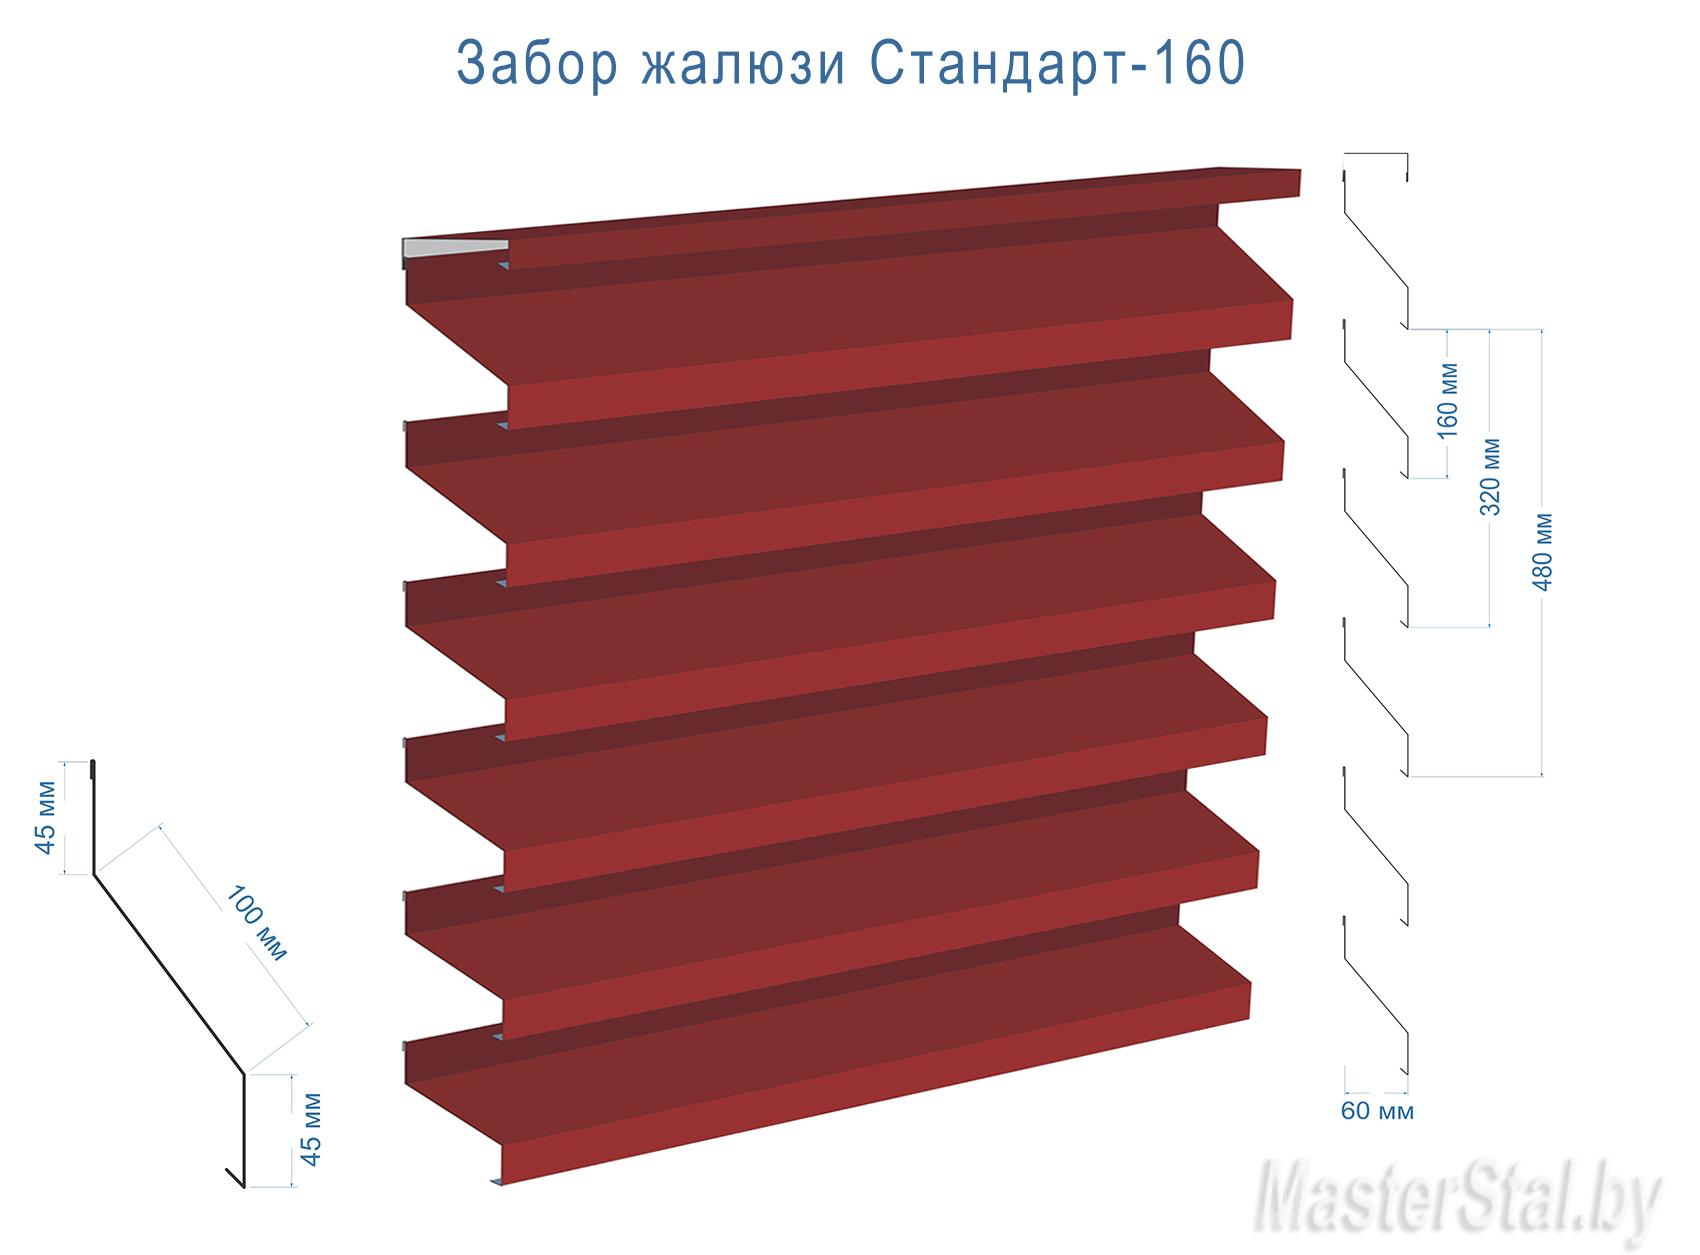 Забор жалюзи Стандарт-160 матовое покрытие размеры